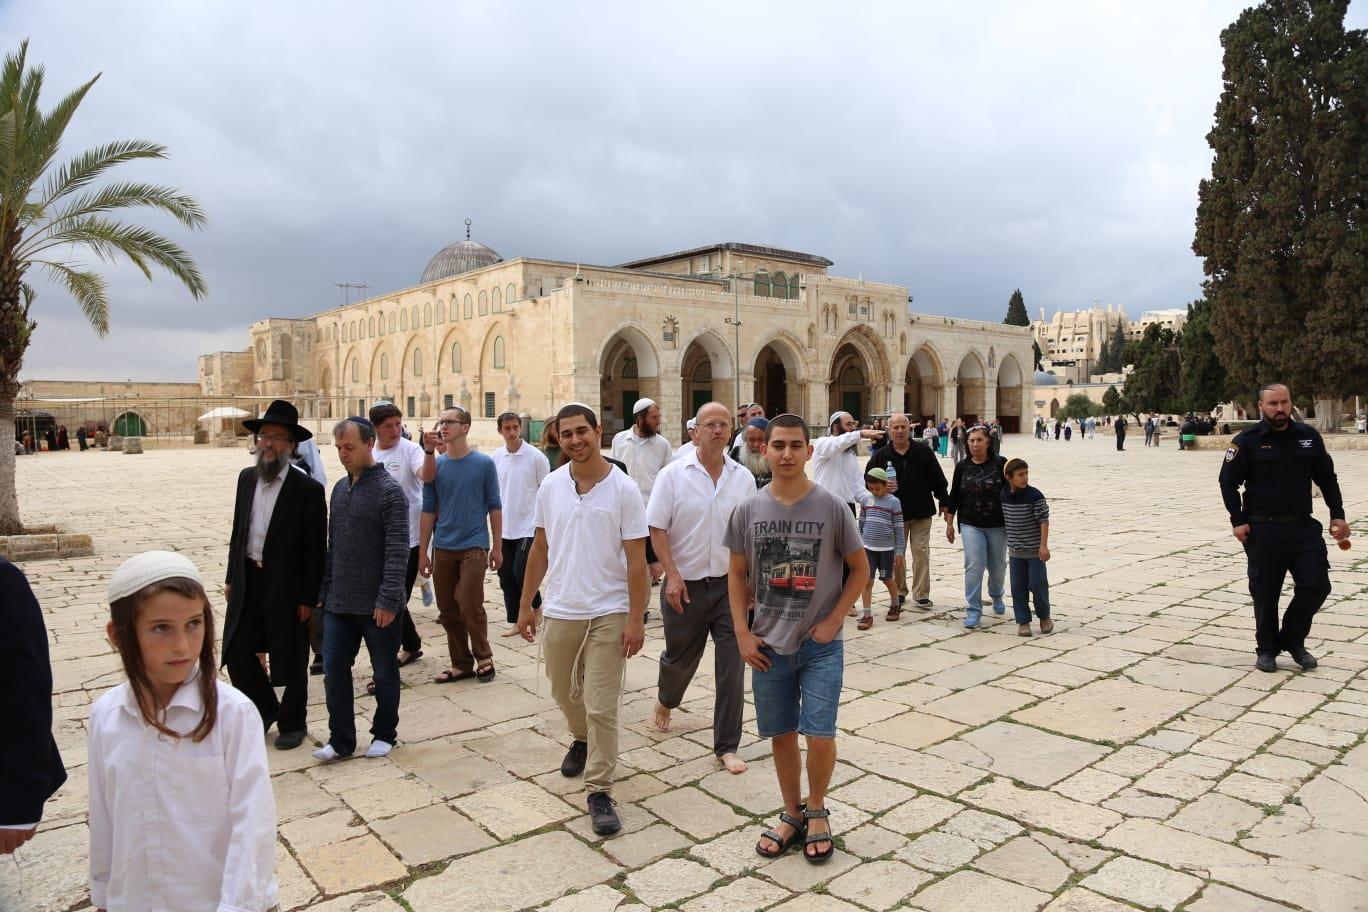 יהודים בהר הבית. ארכיון  (מתי עמר TPS)